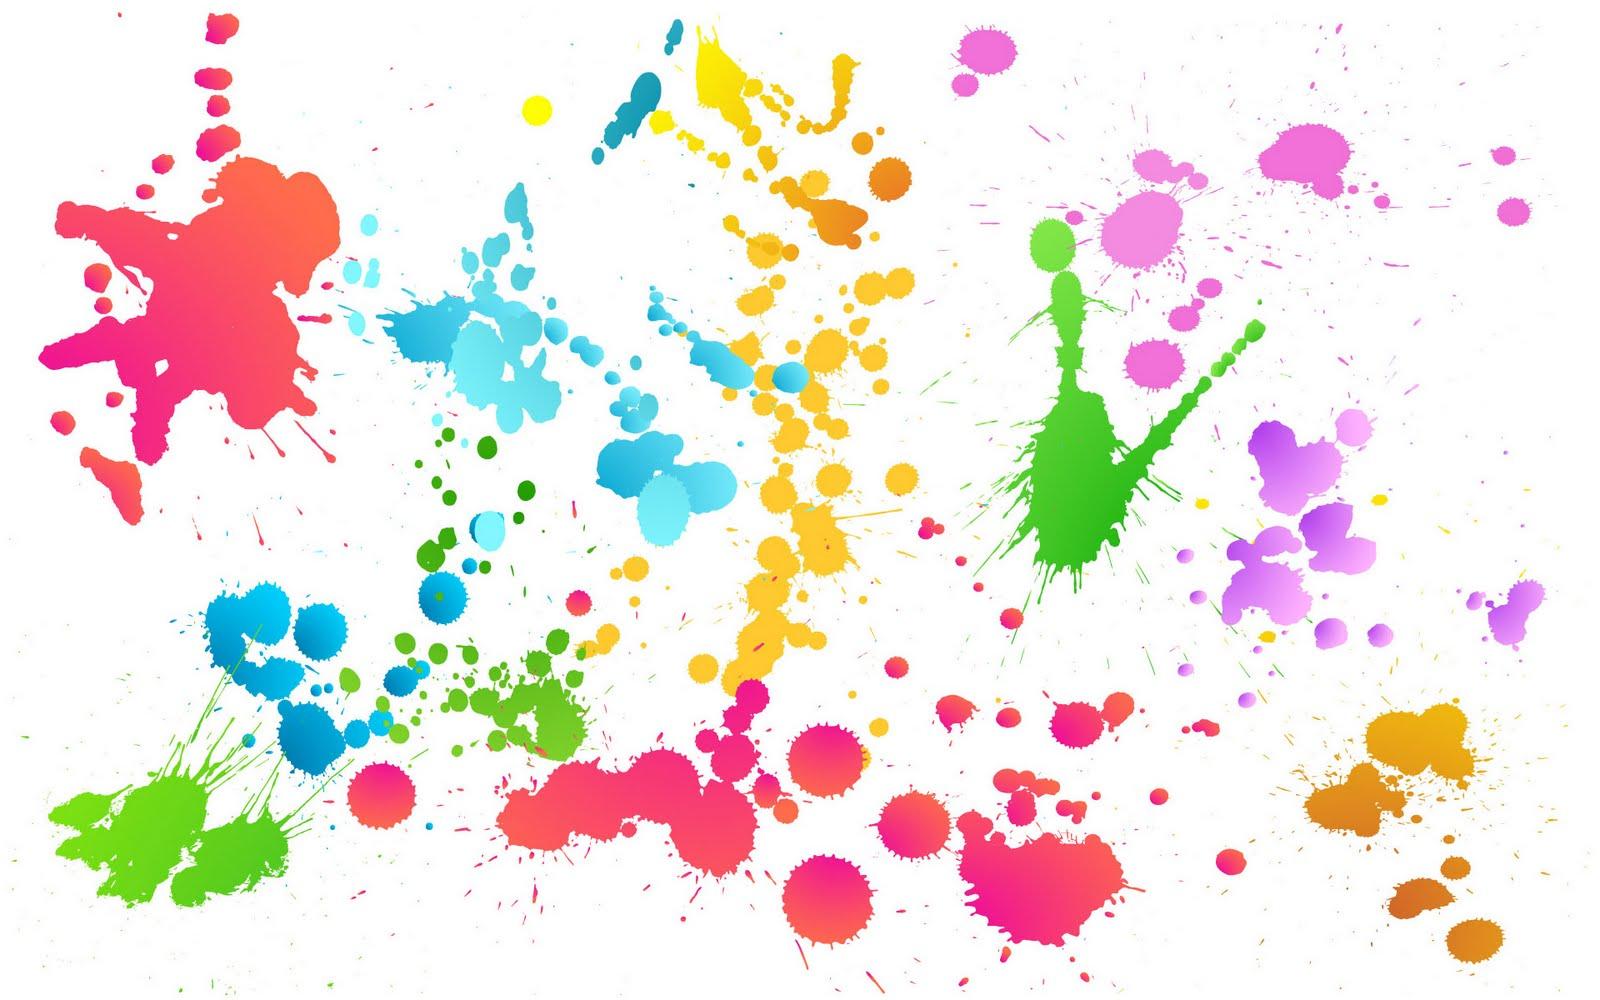 Colors art website - Simple Paint Colorful Art Wallpaper